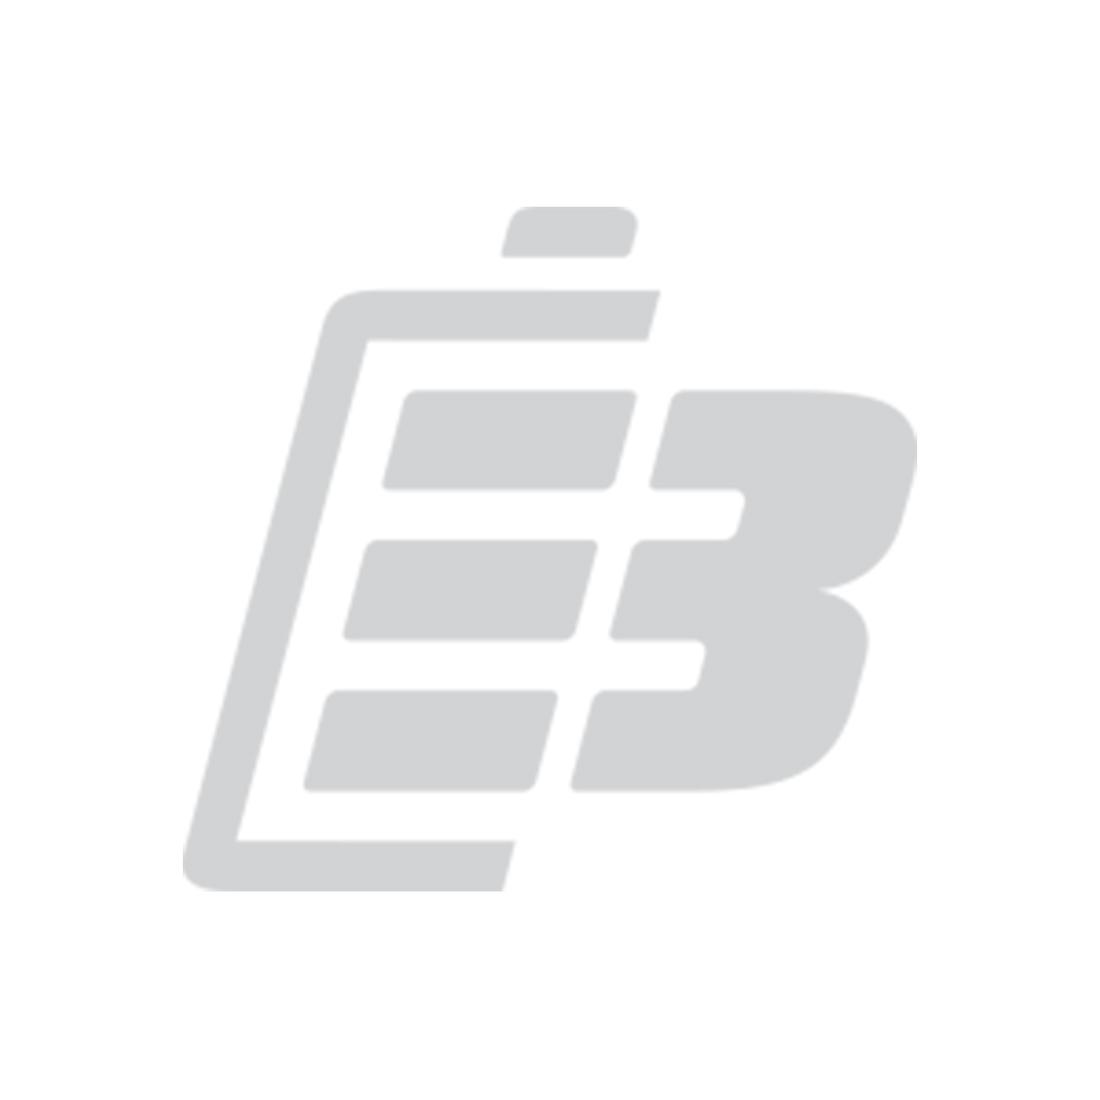 Μπαταρία smartphone Lenovo A880_1